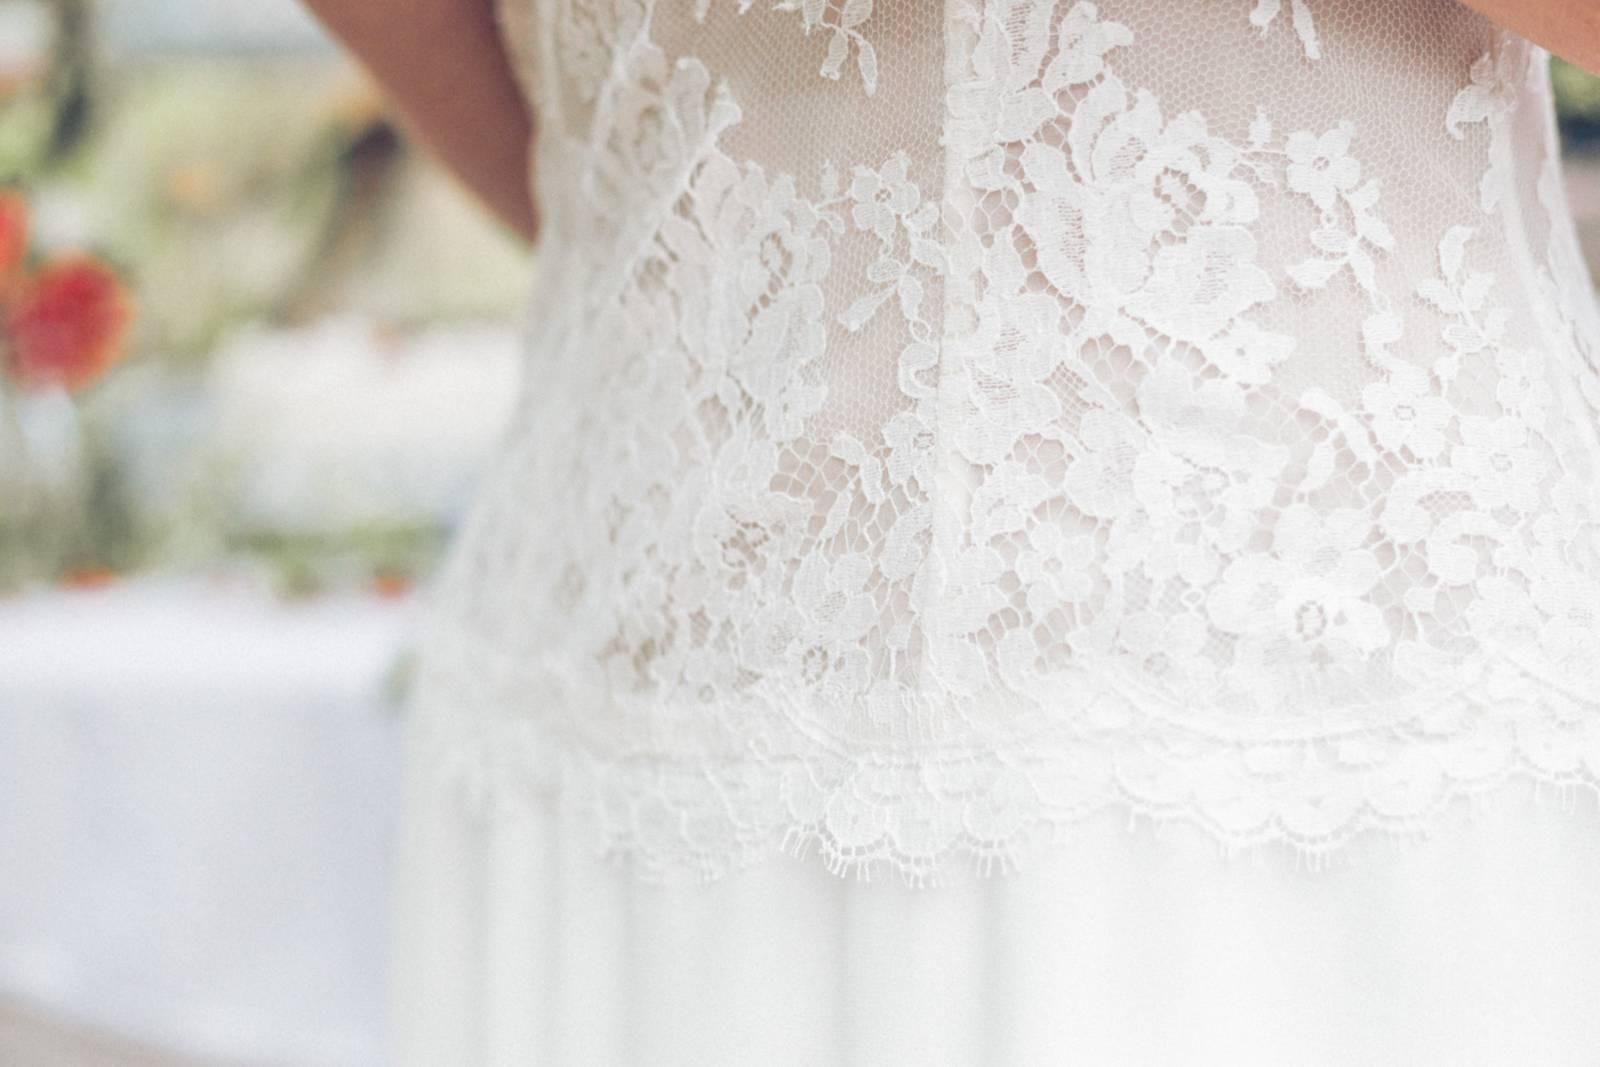 House of Weddings Charline Verbeken Trouwjurk Bruidsjurk Couture Trouwkleed Trouwen Huwelijk Mariage  (34)